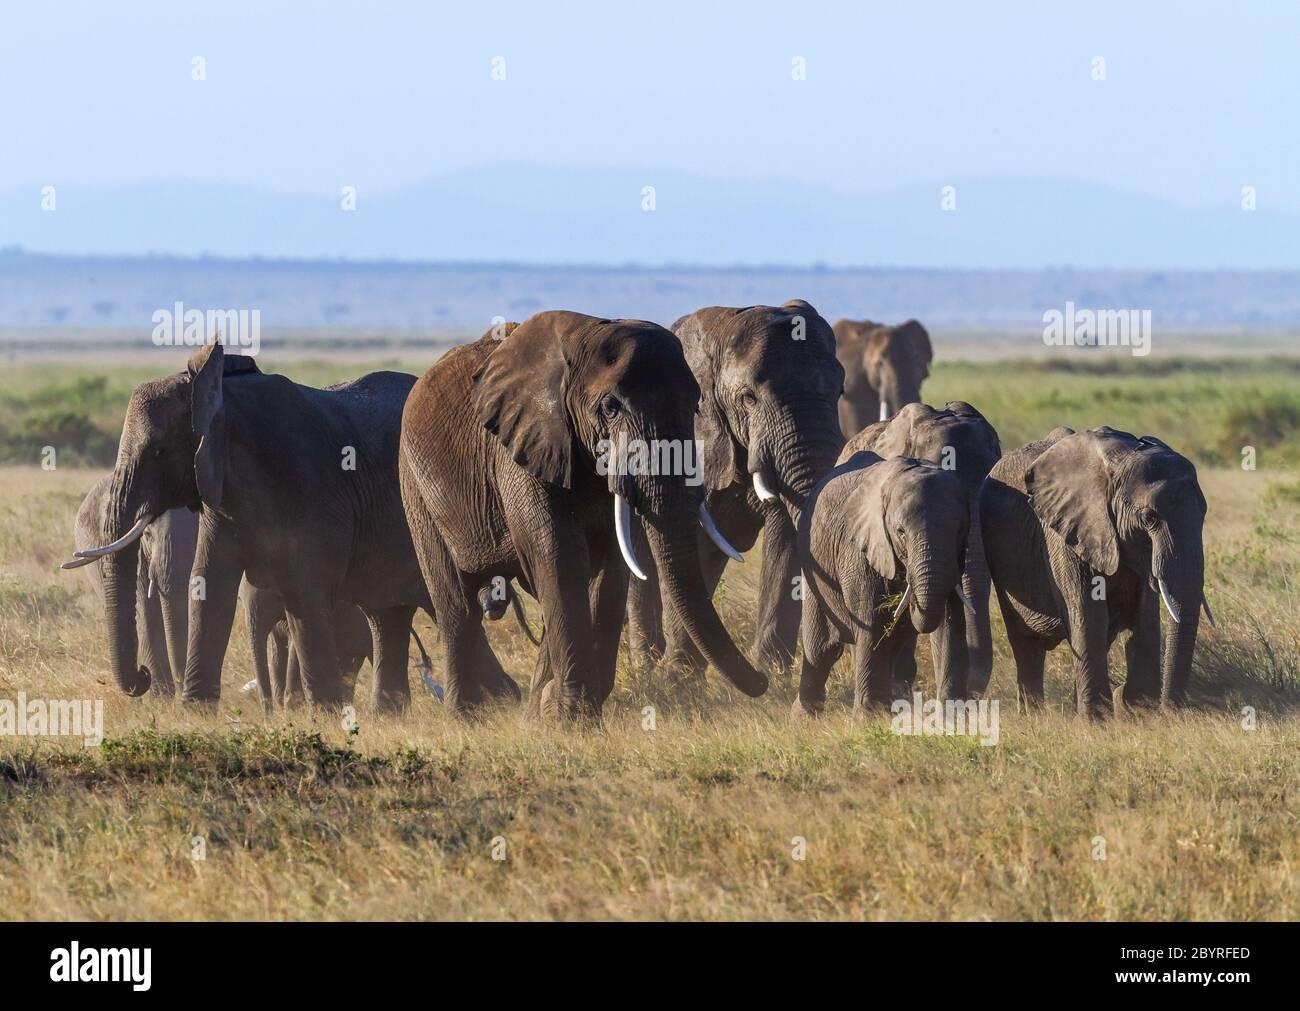 Afrikanische Elefantenherde auf staubiger afrikanischer Savanne, Gruppe von Erwachsenen und Kälbern dicht beieinander. Amboseli Nationalpark, Kenia, Afrika. 'Loxodonta Africana Stockfoto